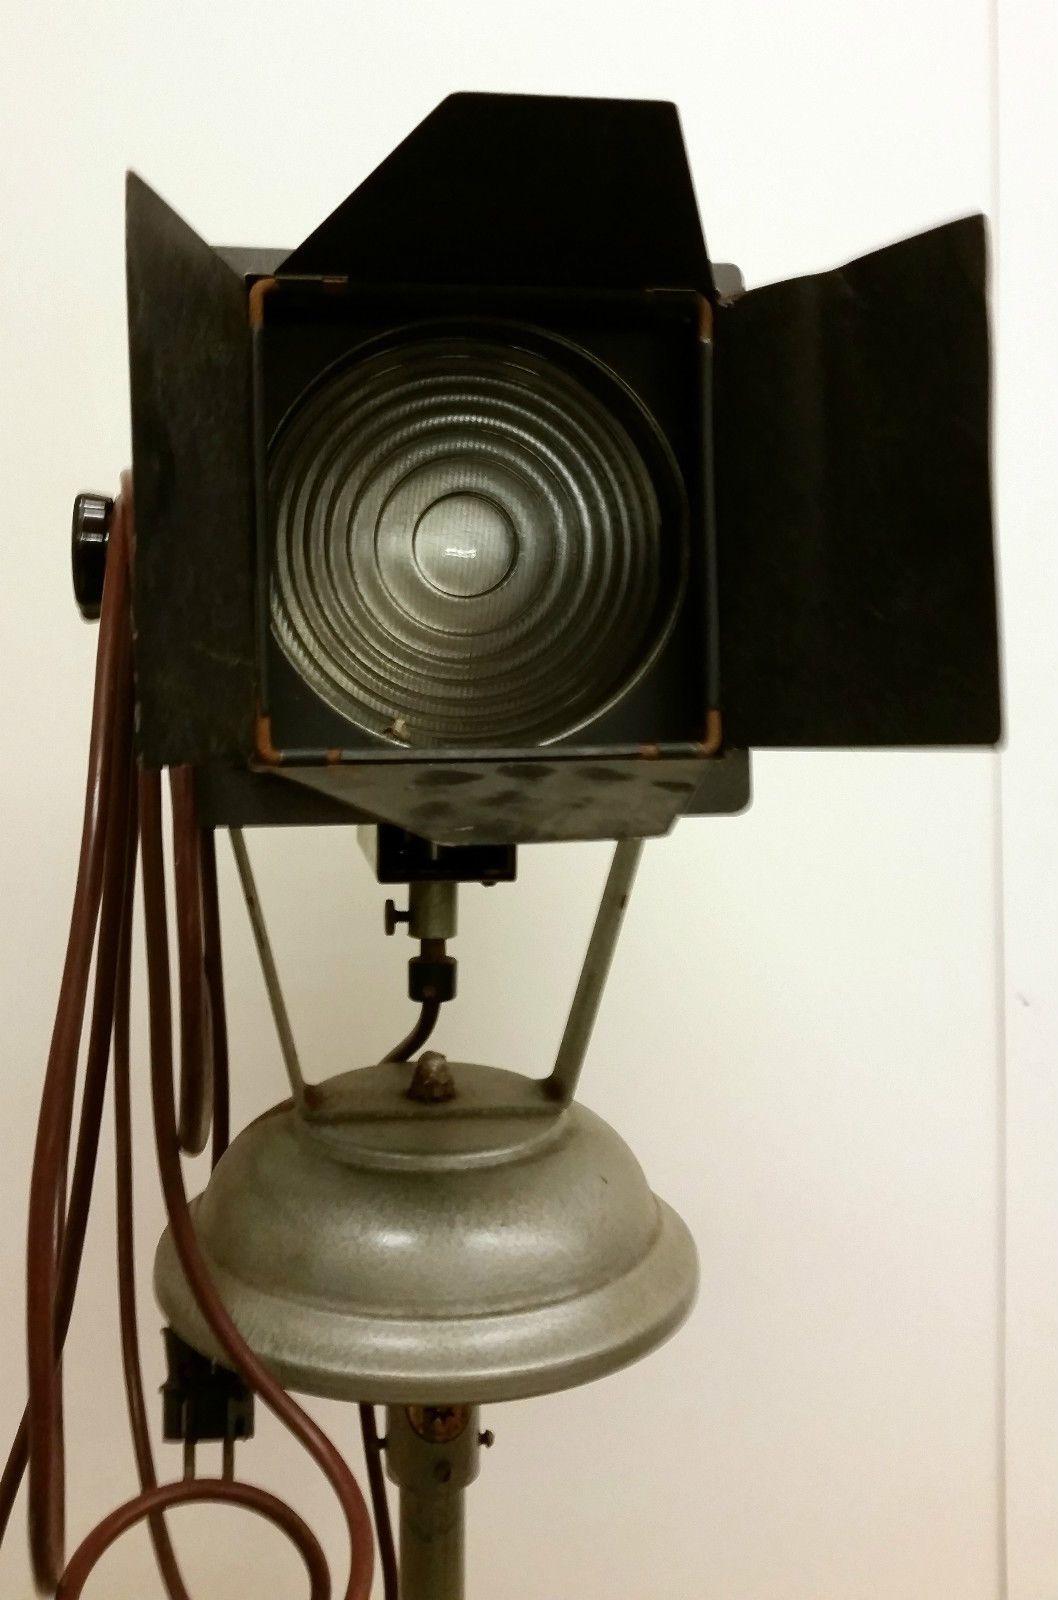 antiker JUPITERLICHT 24 / BERLIN 44, Industriedesign, Loft - Vintage in Möbel & Wohnen, Beleuchtung, Lampen | eBay